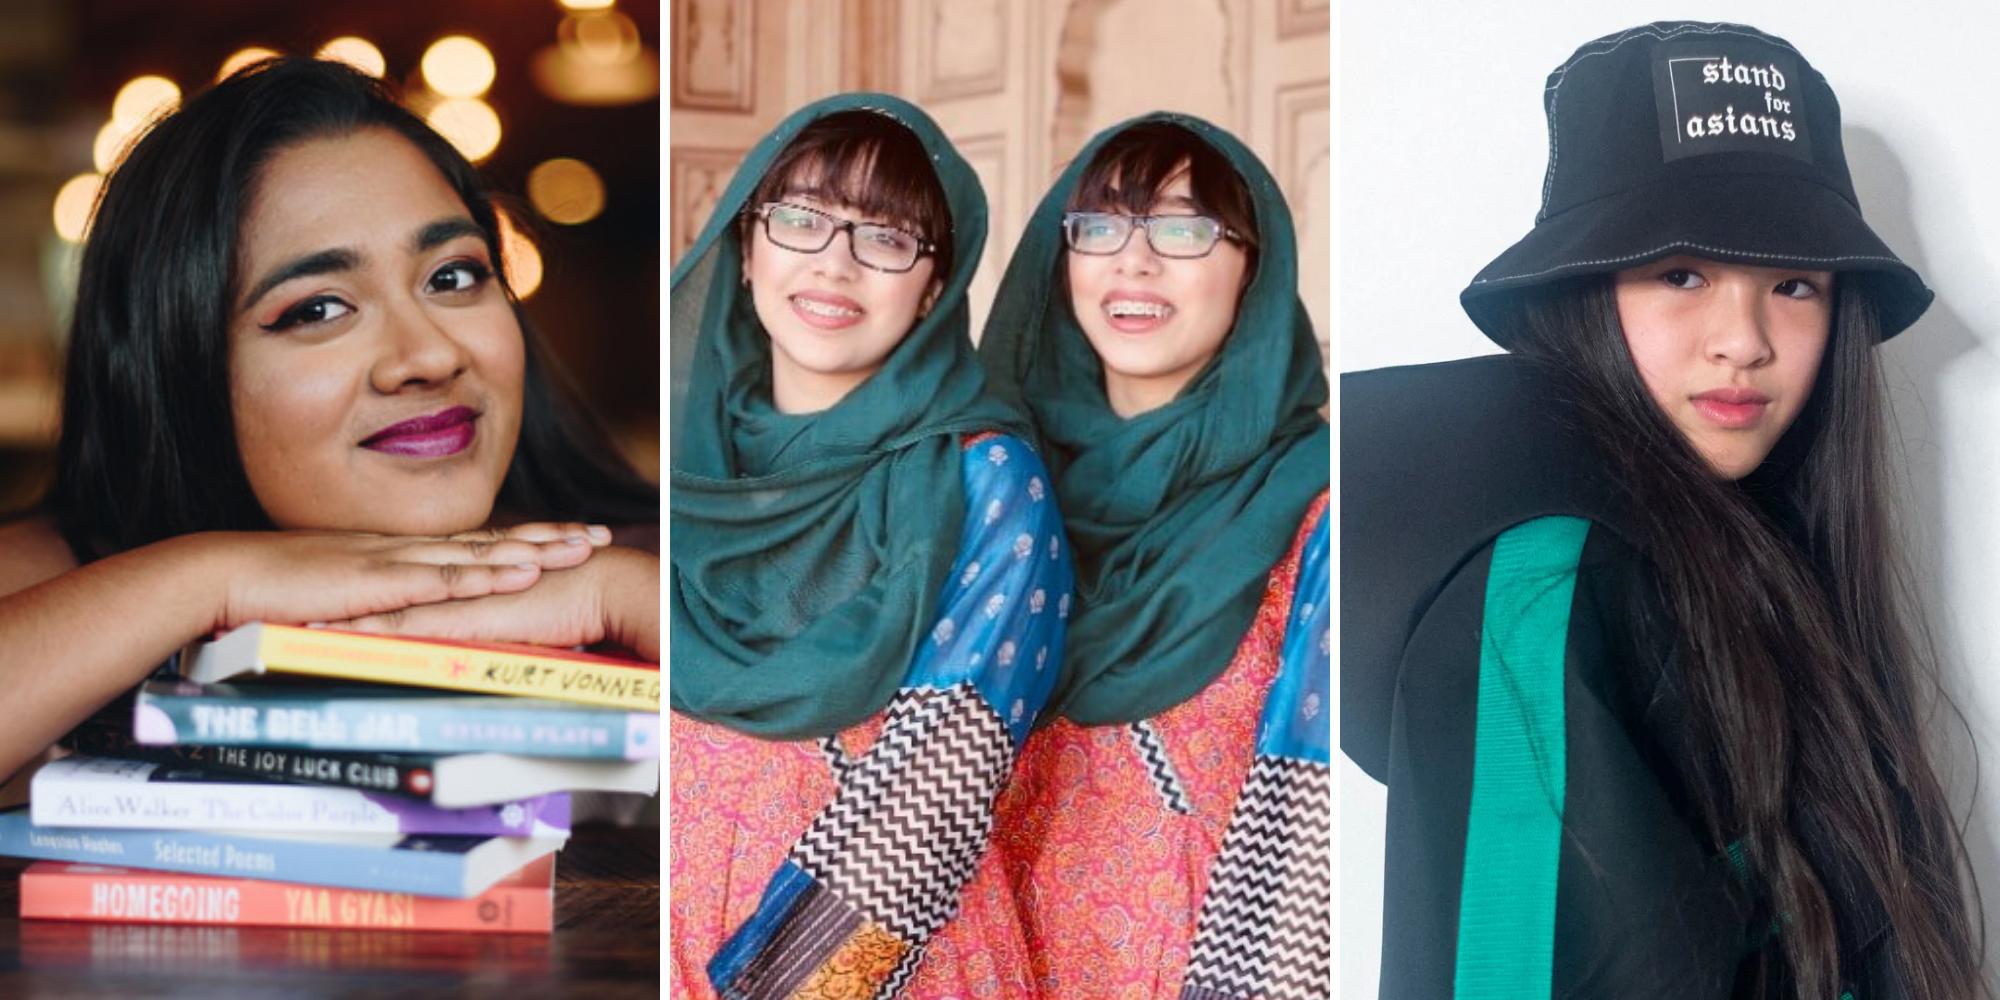 Malavika Kannan, Maryam and Nivaal Rehman and Ashlyn So